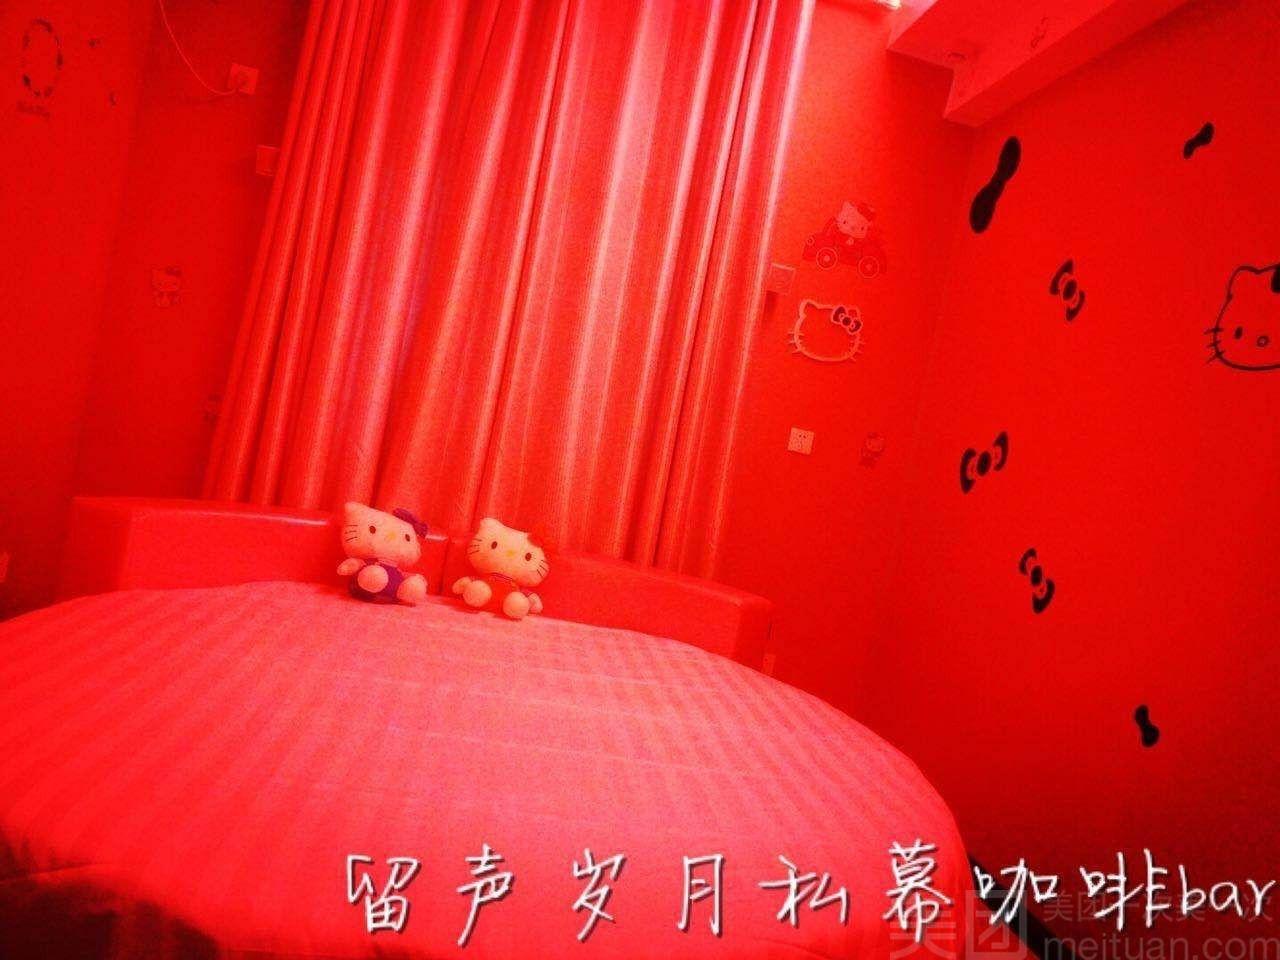 美团网:长沙今日电影团购:【留声岁月私幕影院】留声岁月hello kitty房电影一场